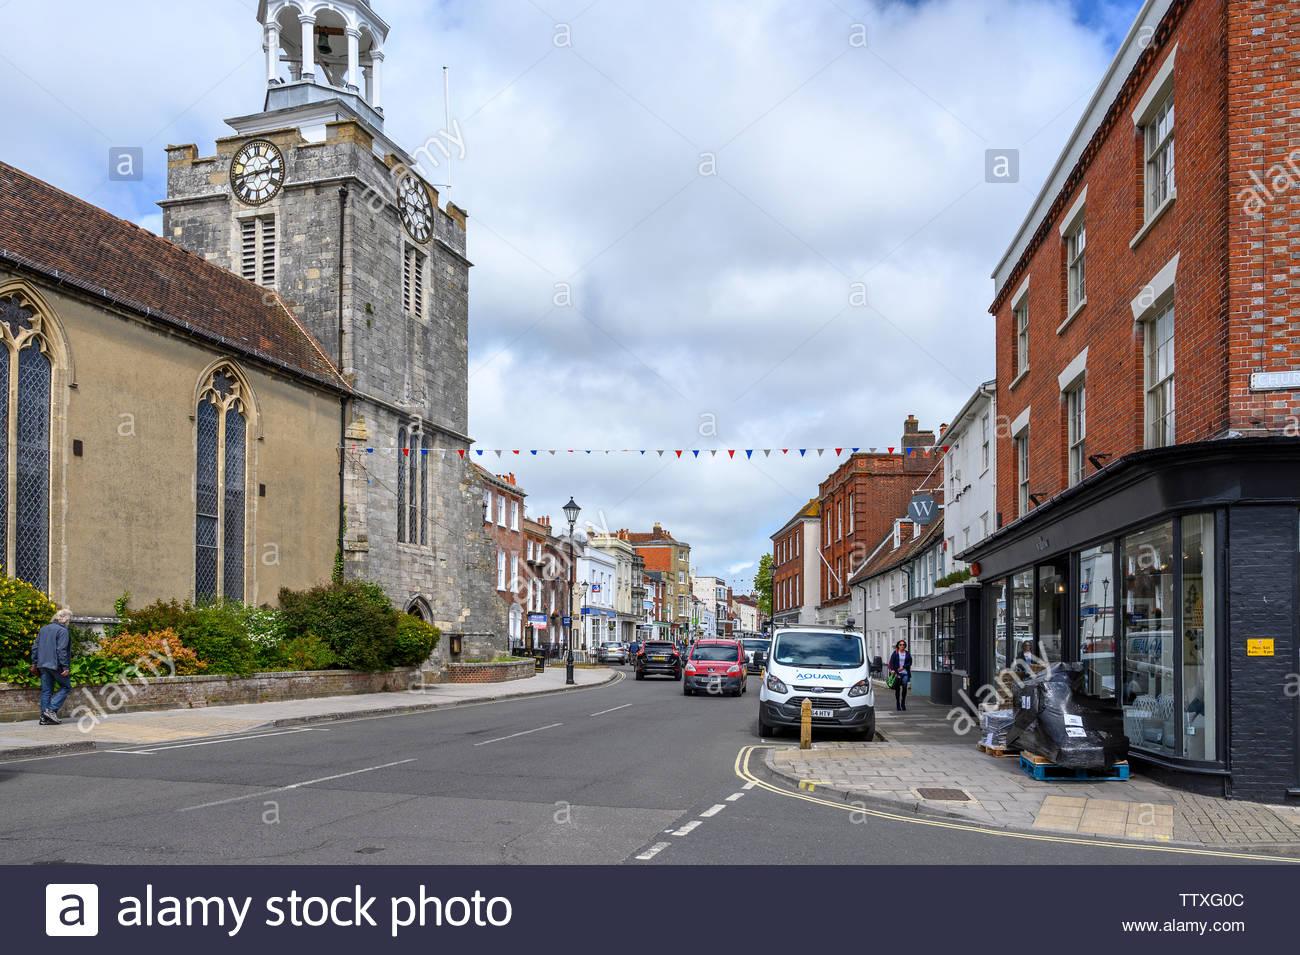 Lymington, Hampshire, England, UK - Stock Image